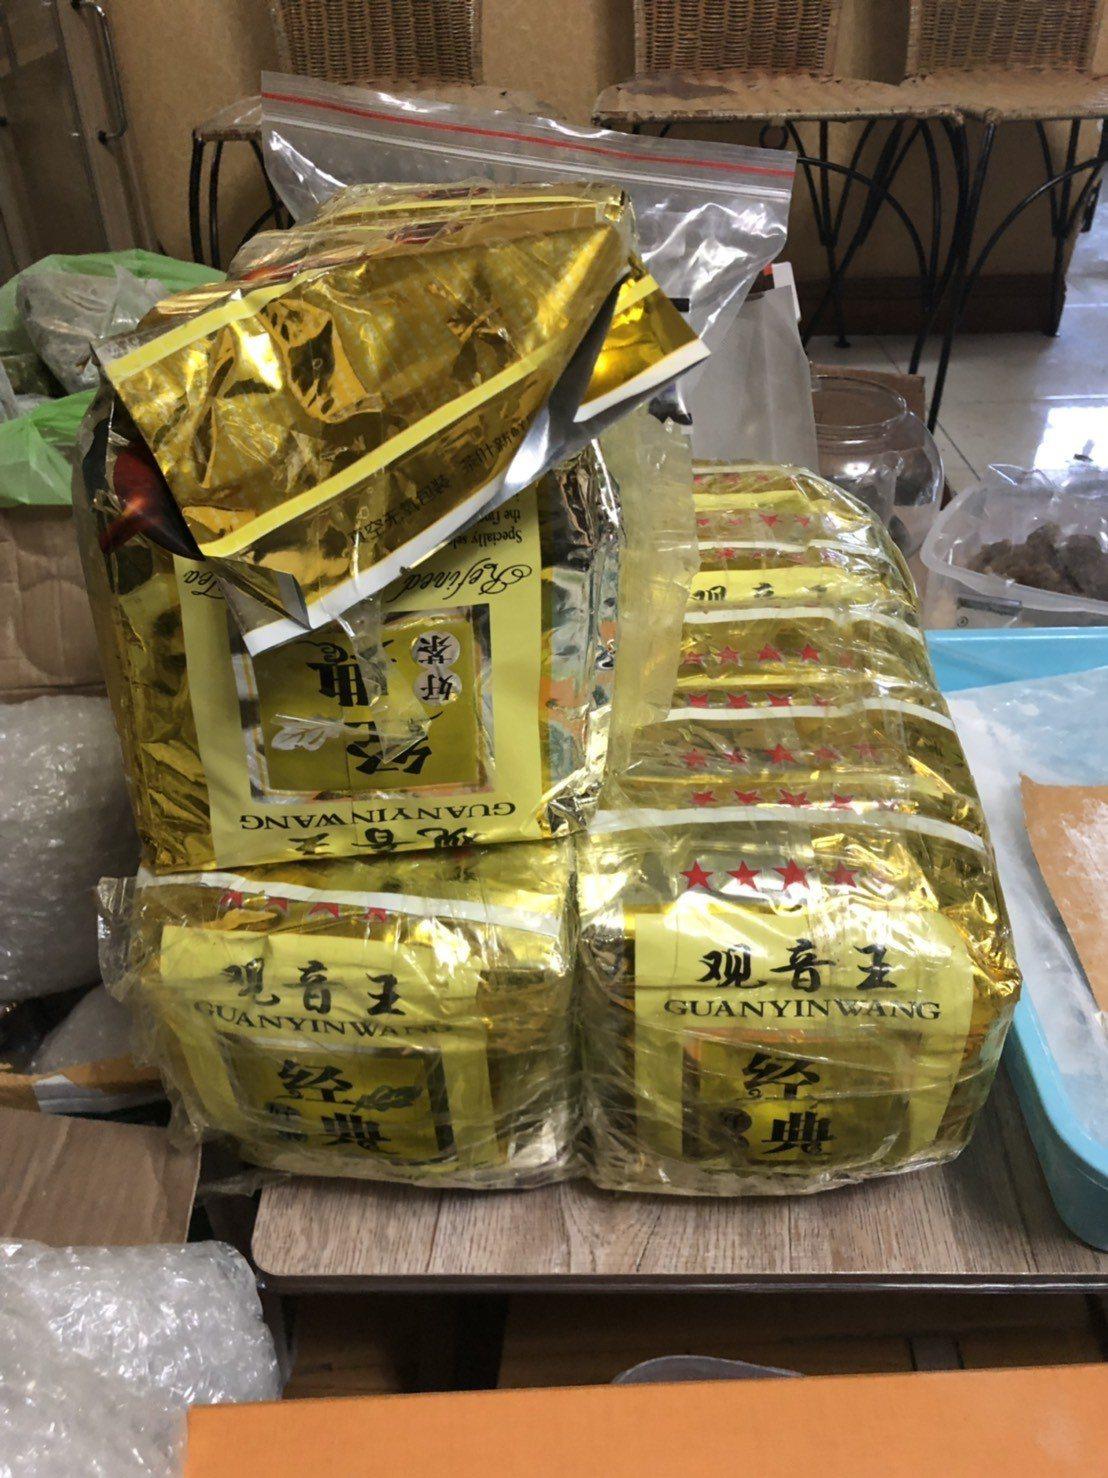 刑事局與泰國、美國執法機關合作,在泰國的民宅查獲海洛因及安毒合計95公斤,逮捕3...